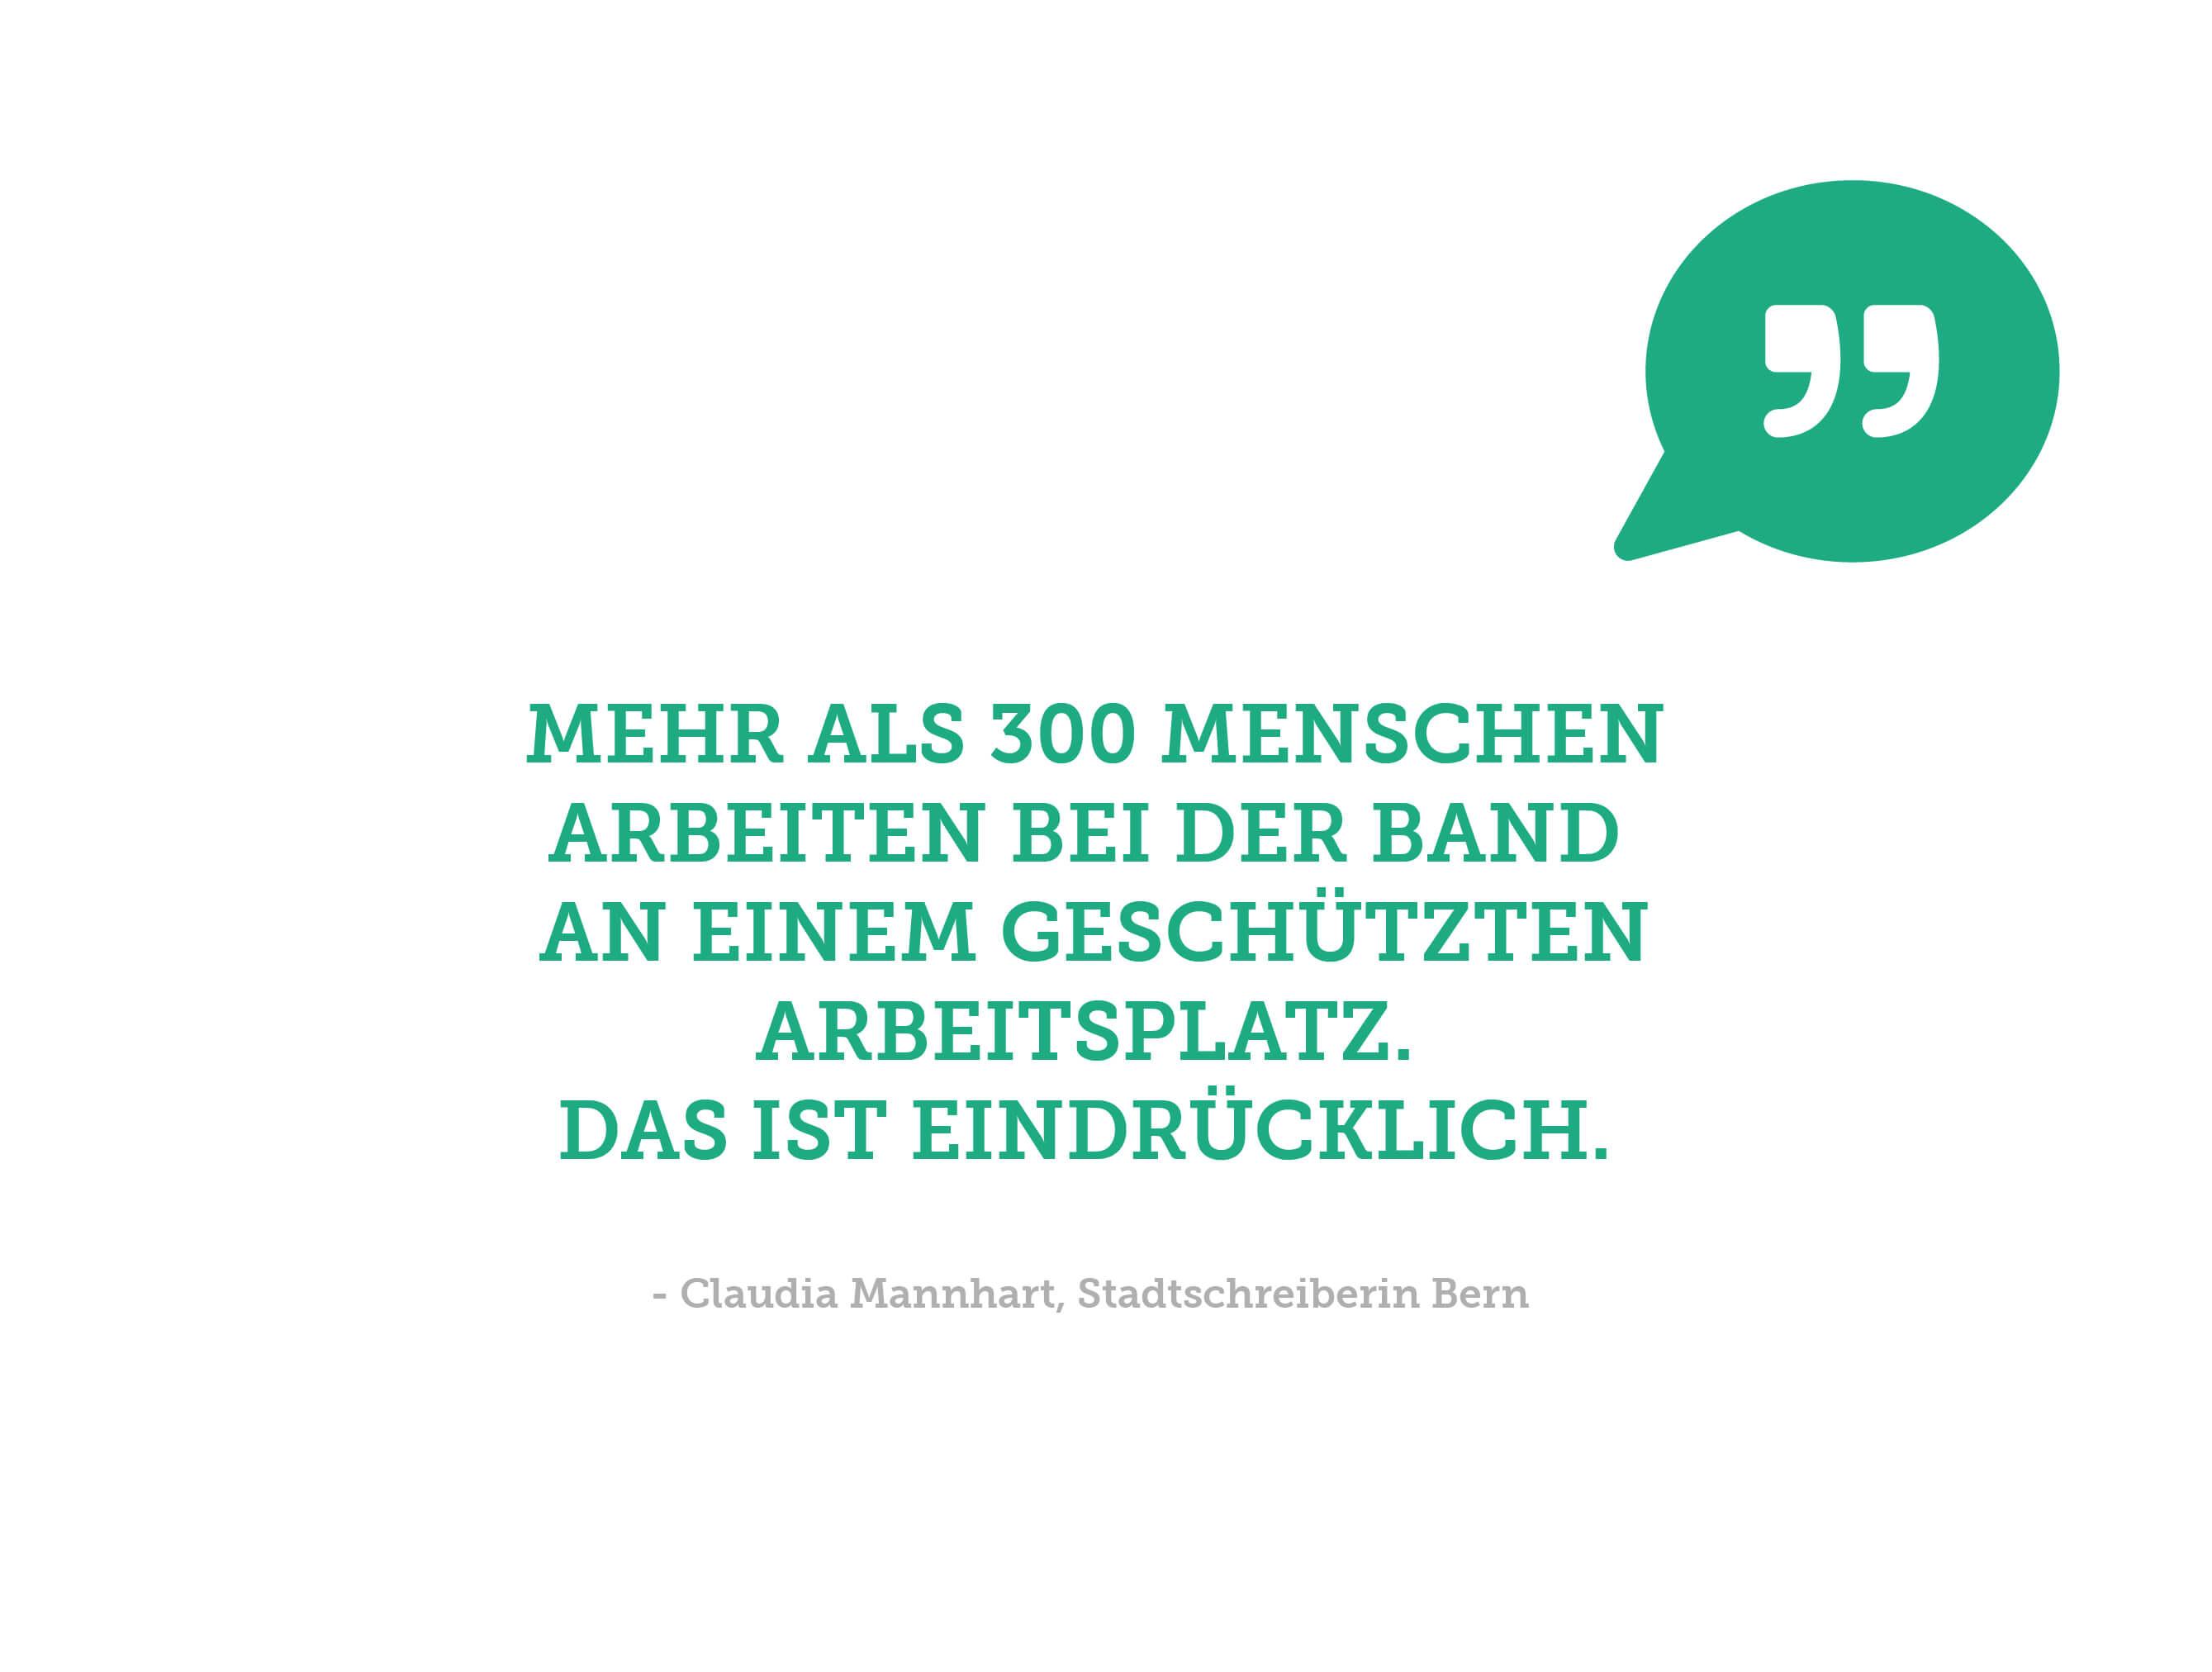 Zitat-Mannhart